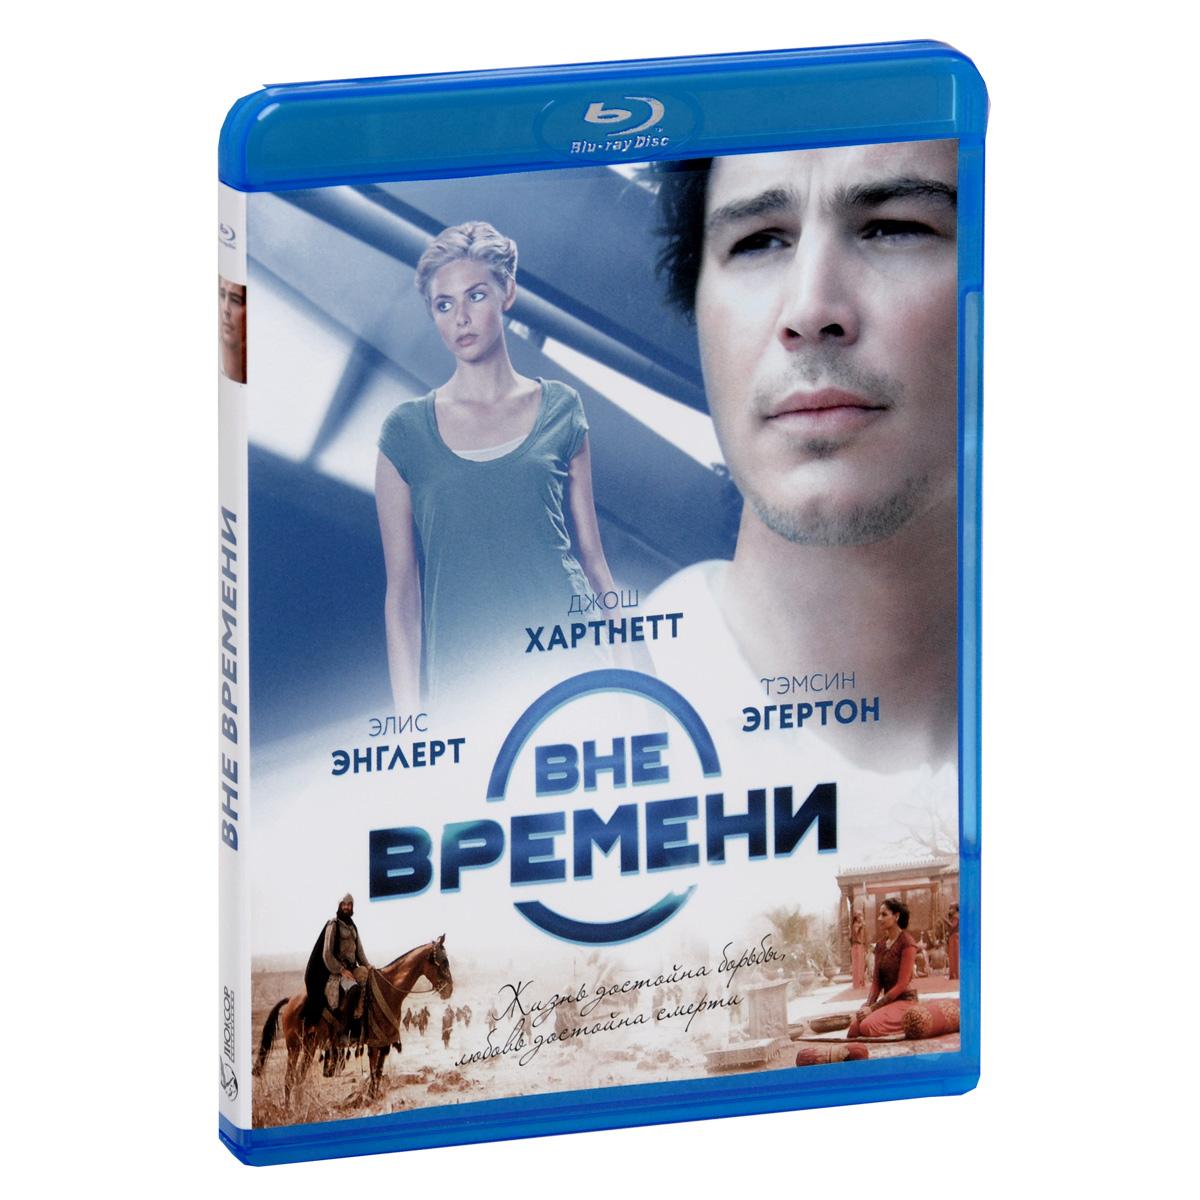 Вне времени (Blu-ray)